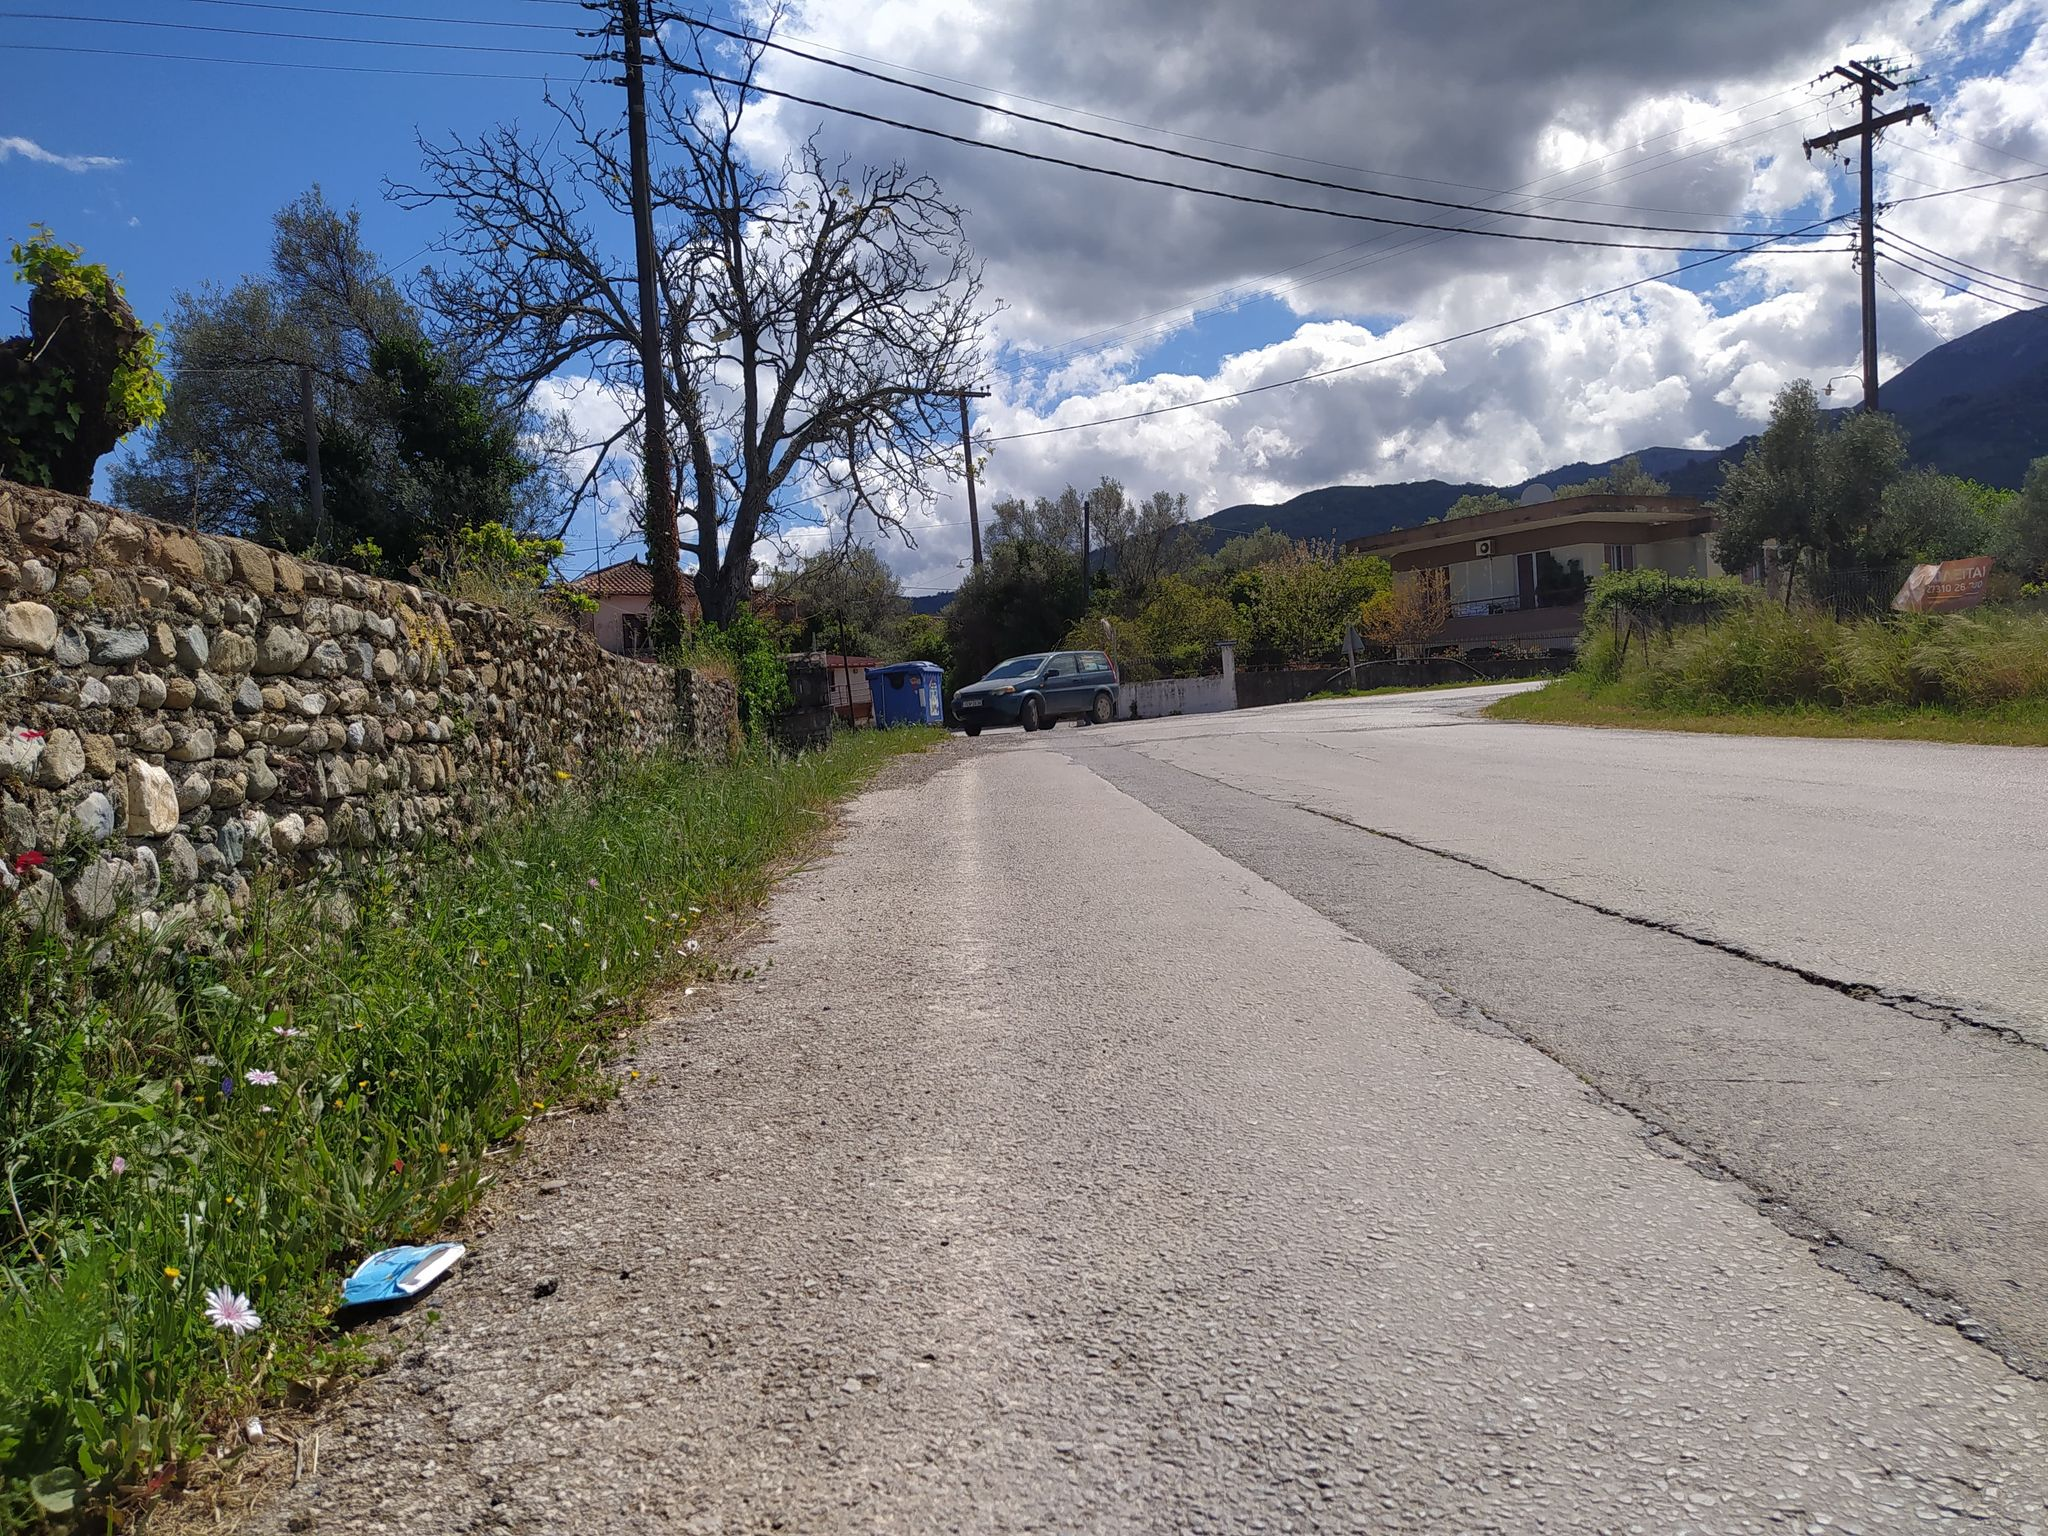 Οικόπεδο προς πώληση στο Ξηροκάμπι Λακωνίας